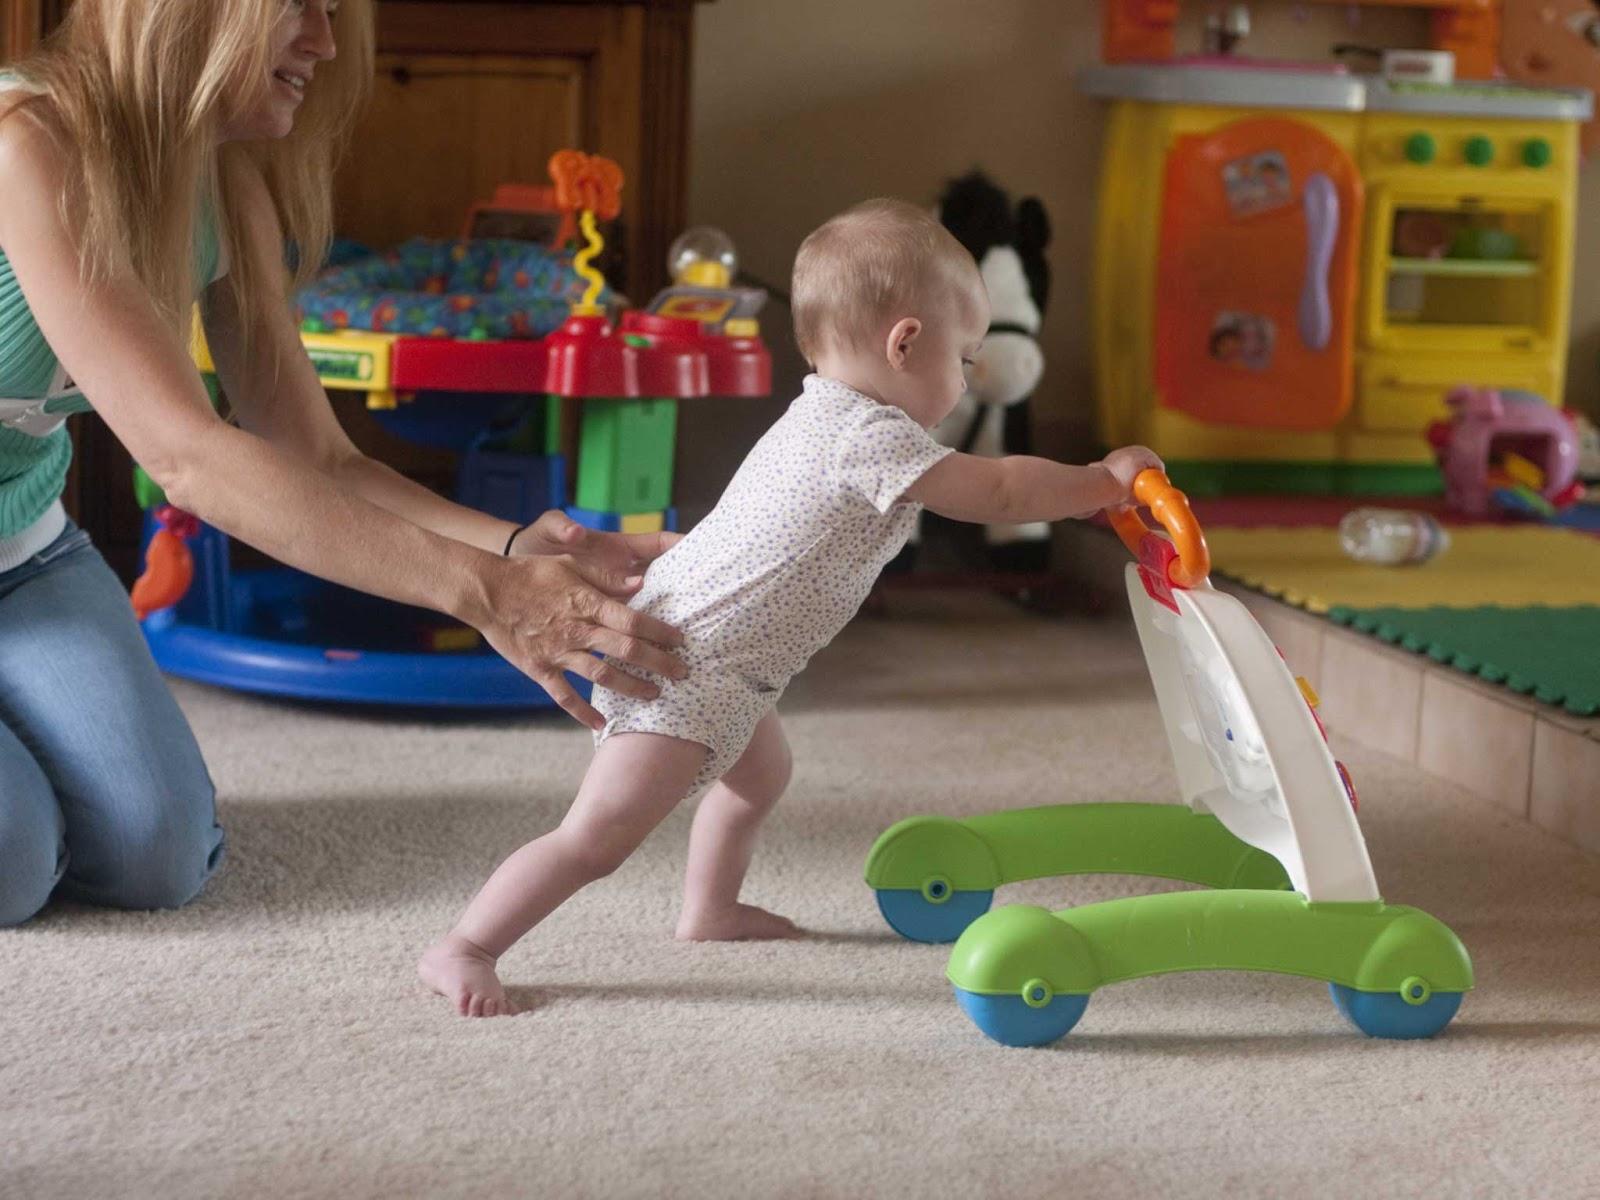 ребенок в 10 месяцев толкает игрушку